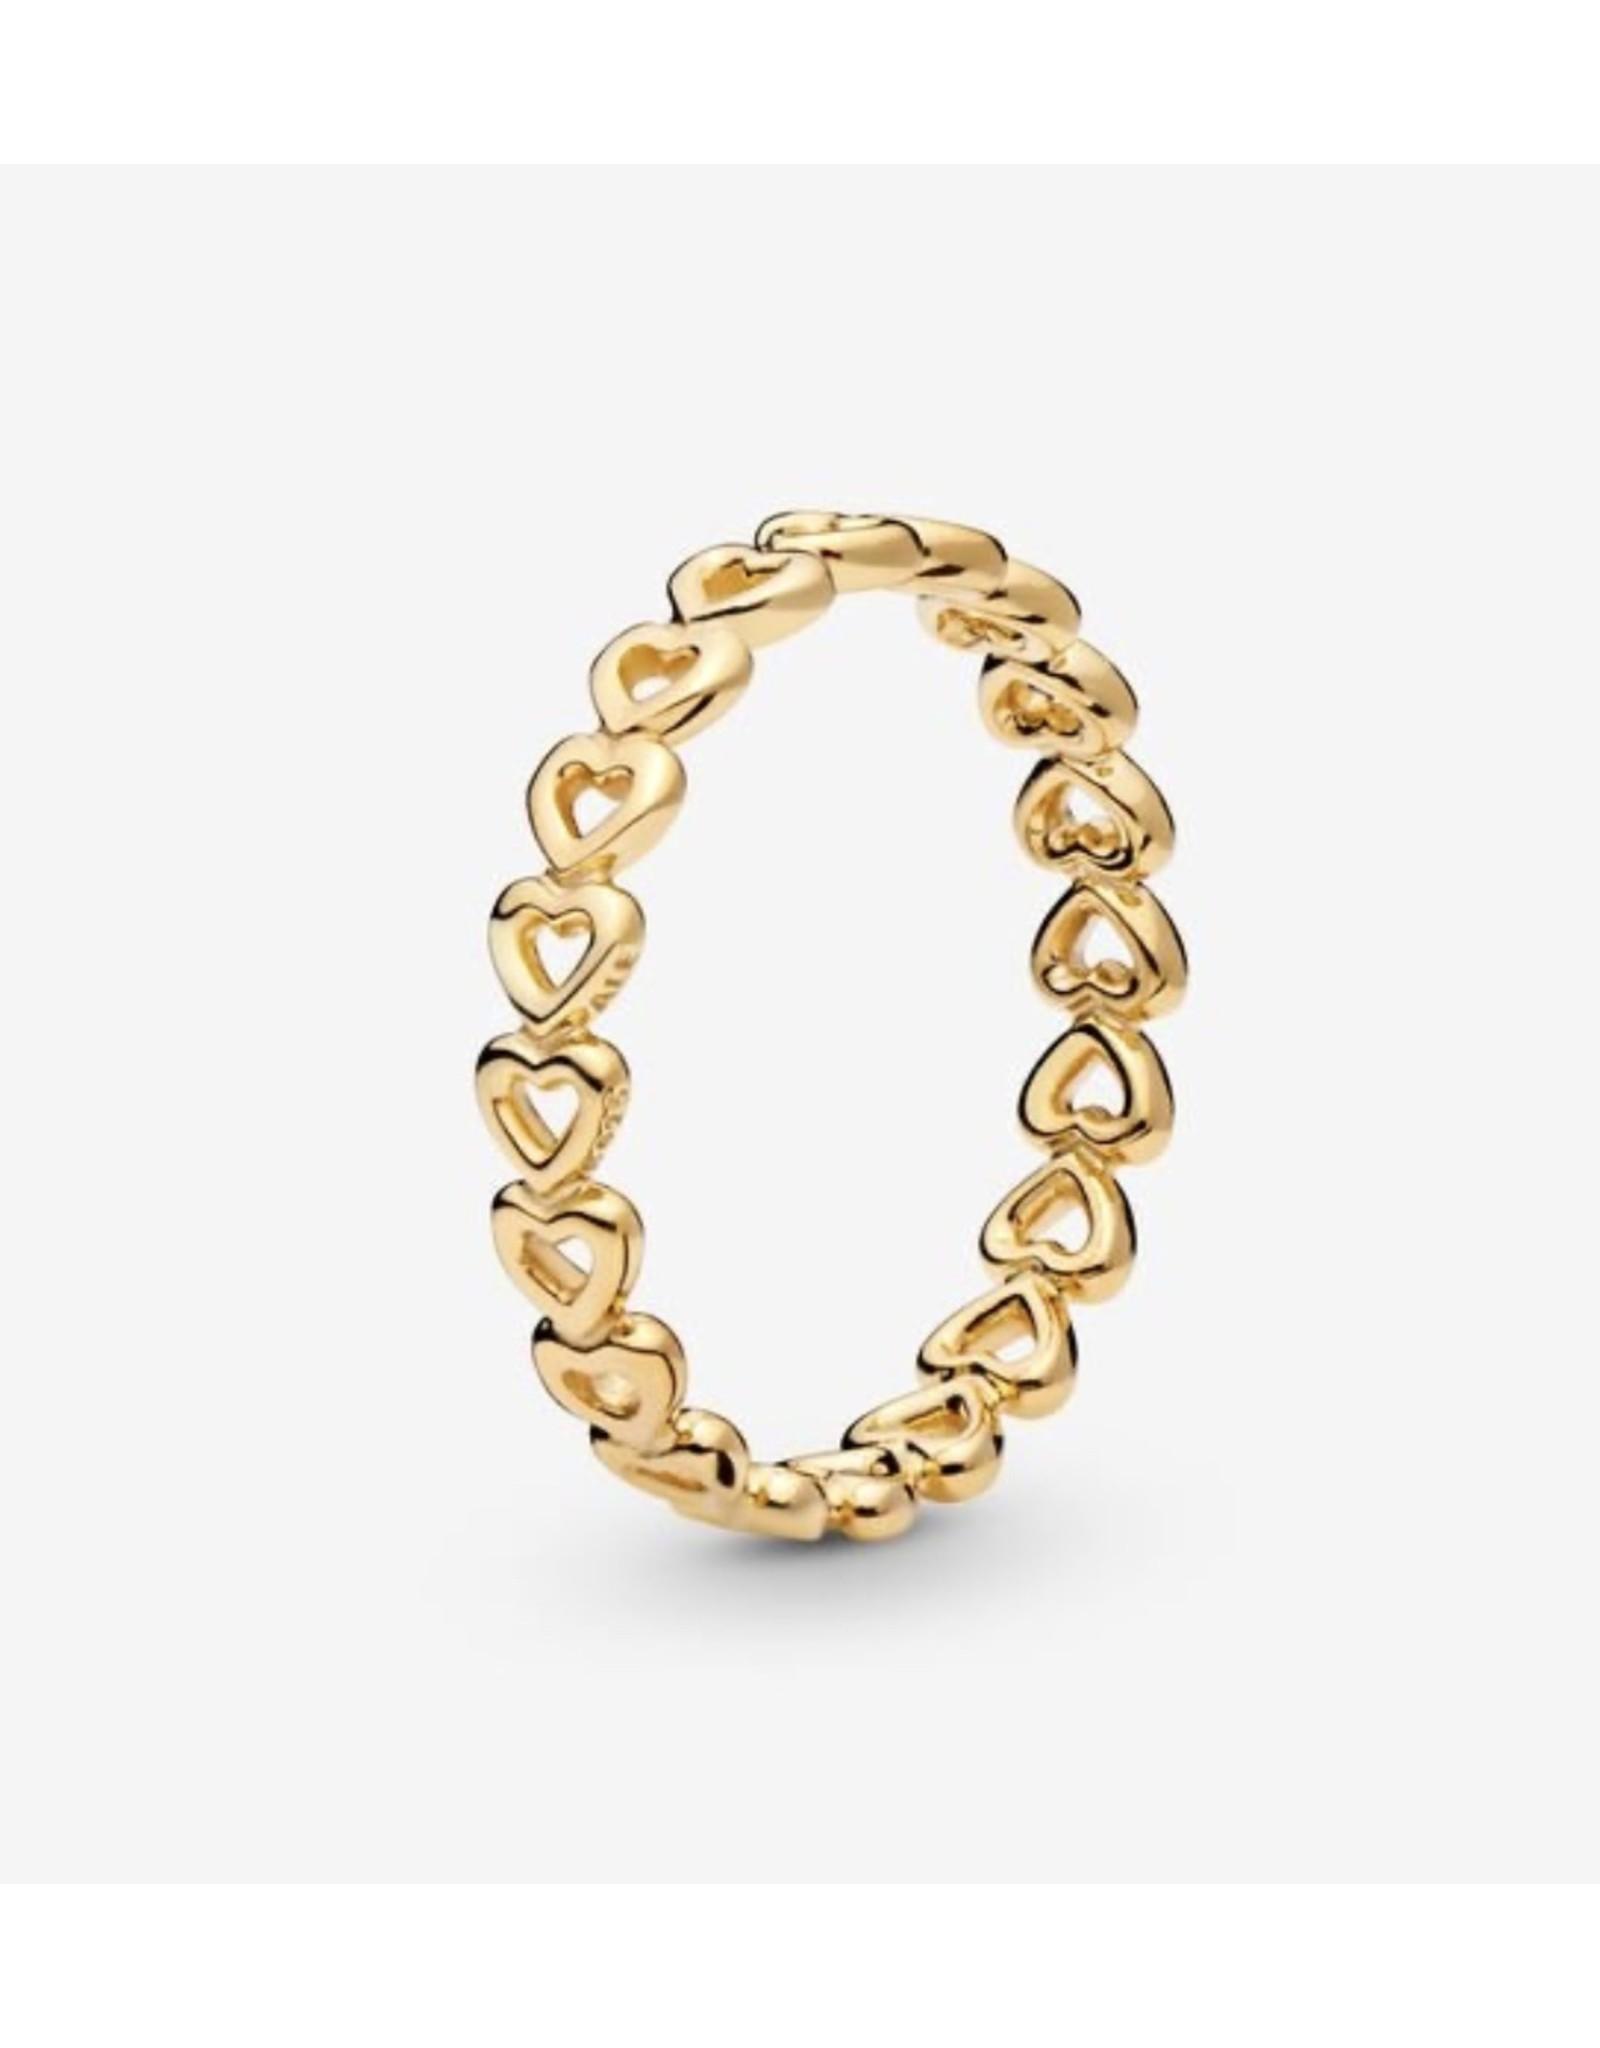 Pandora Pandora Ring,168653C00, Band Of Hearts, Shine